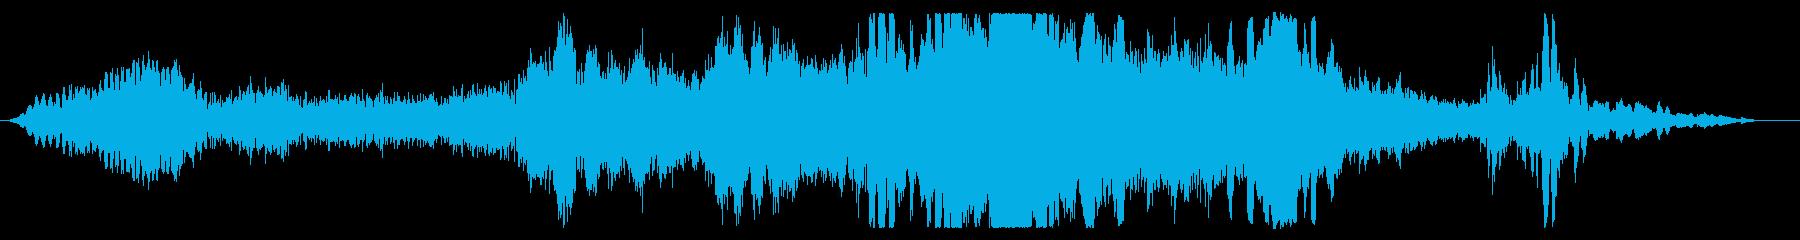 デーモンライジングスクリームの再生済みの波形